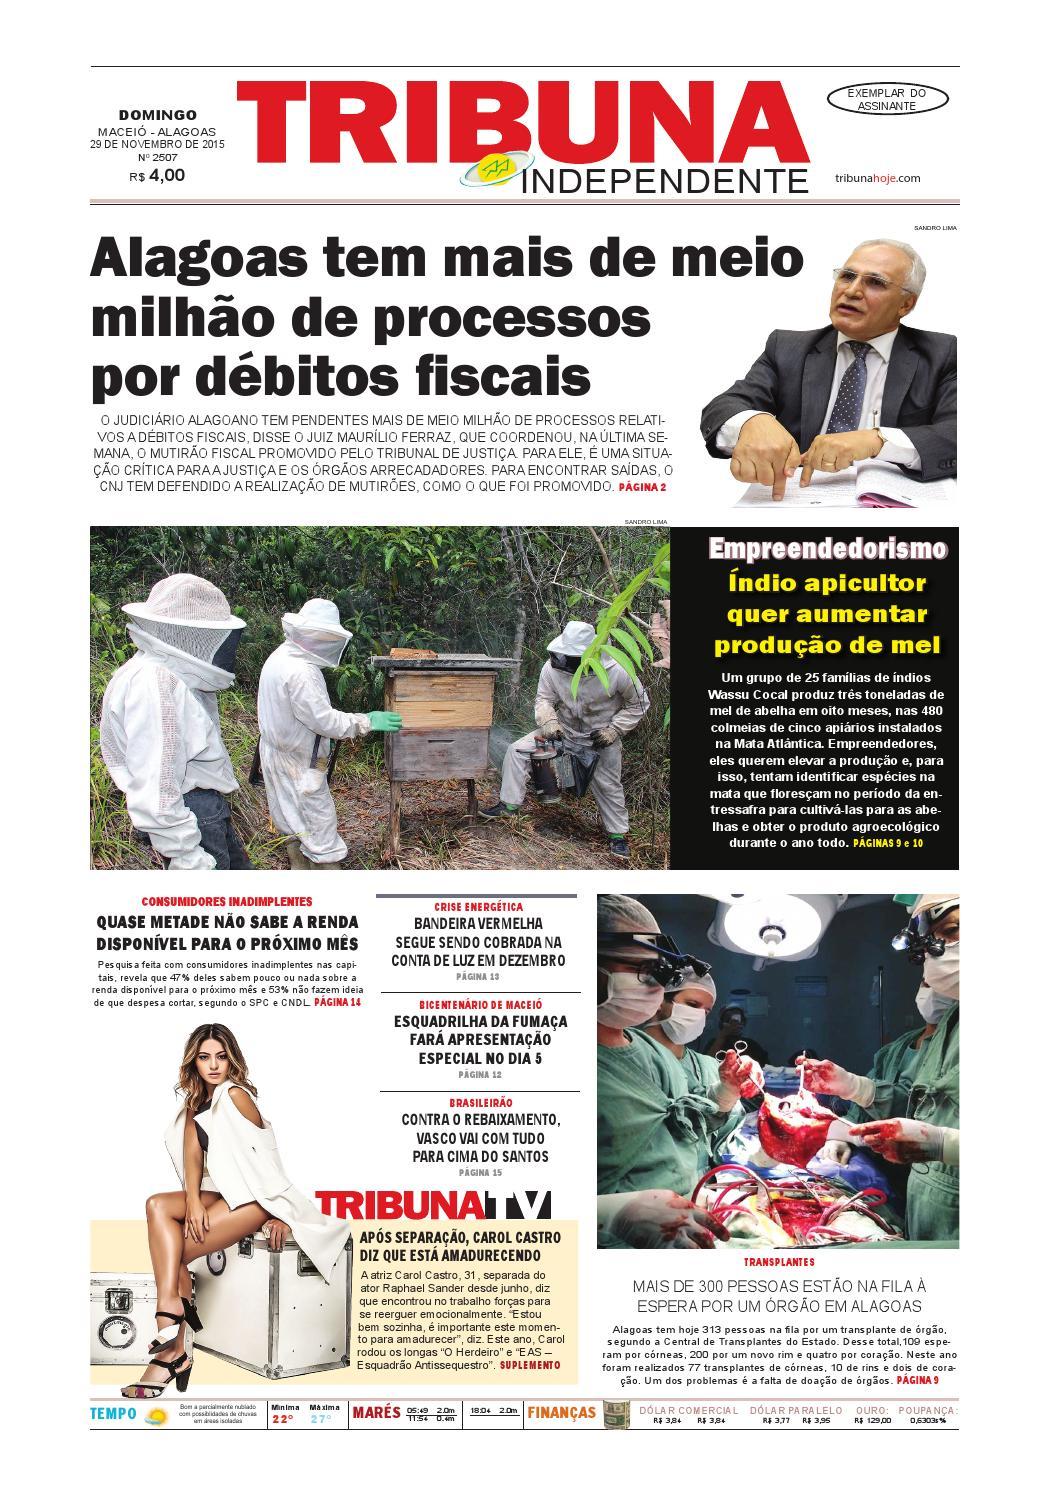 2c23c9b80dad4 Edição número 2507 - 29 de novembro de 2015 by Tribuna Hoje - issuu